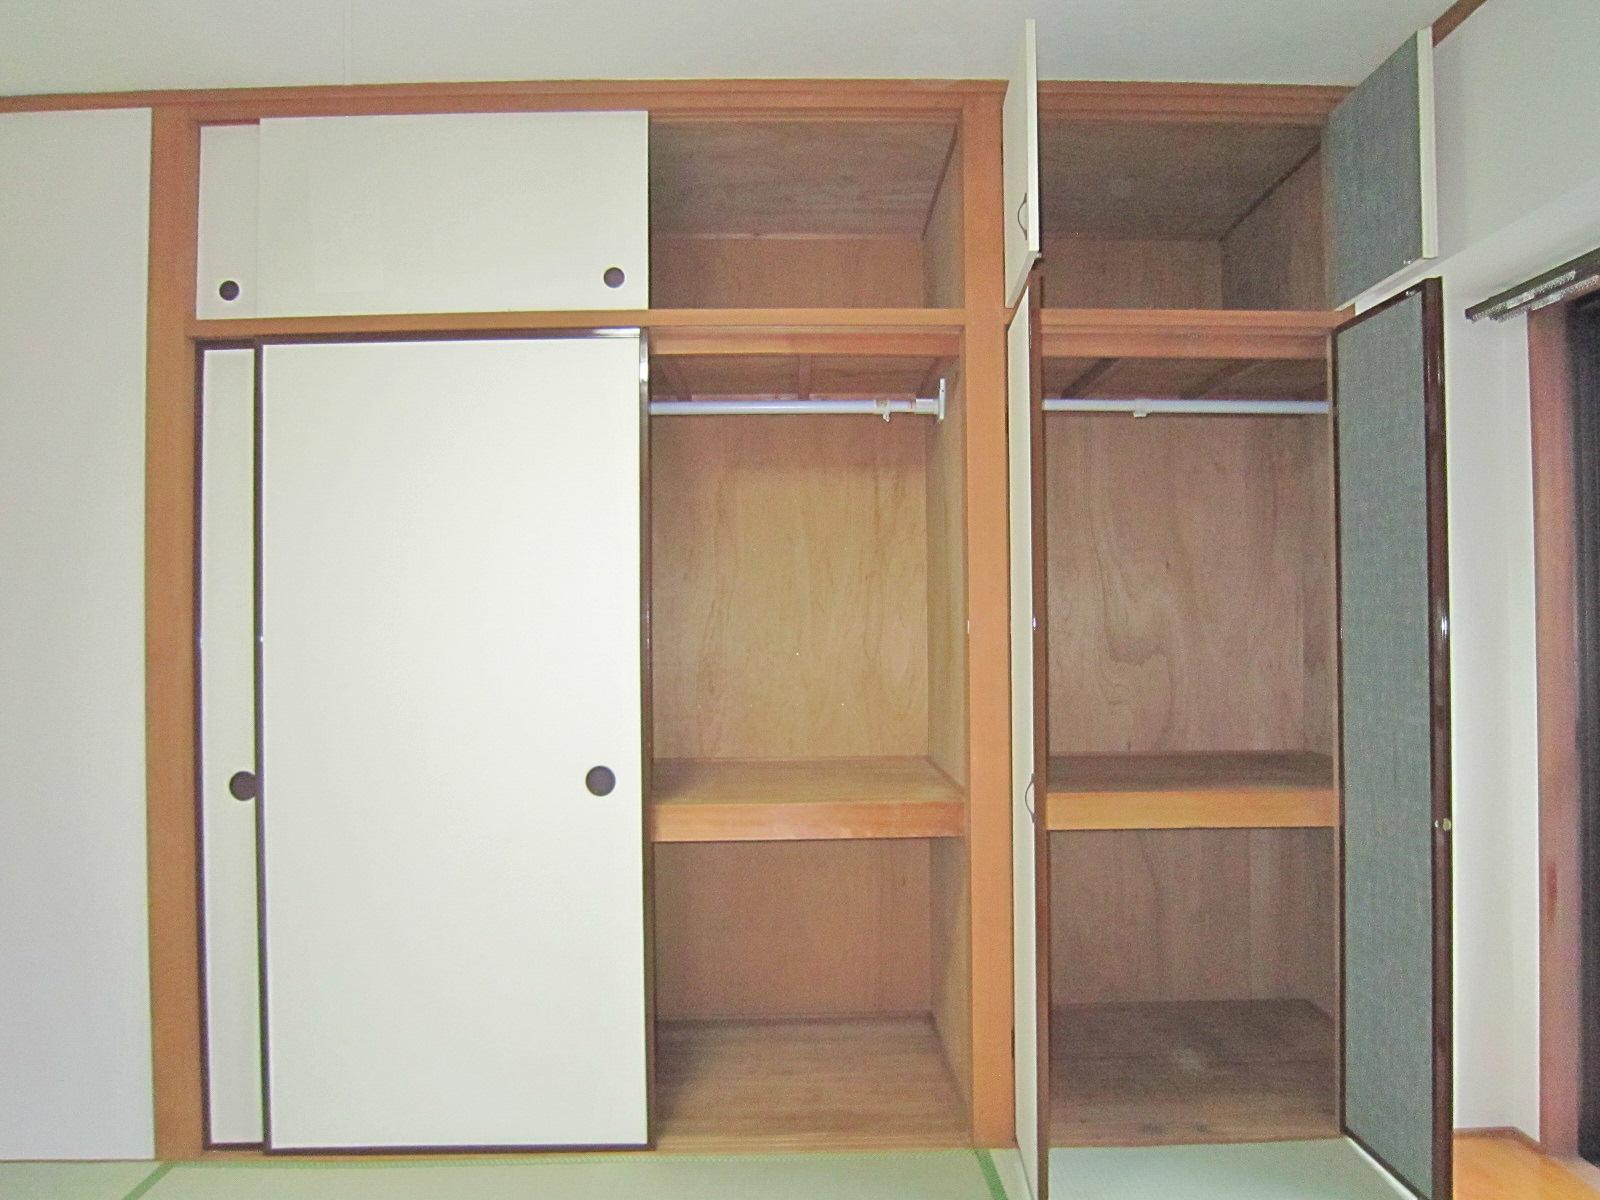 収納 和室収納(開けた時)